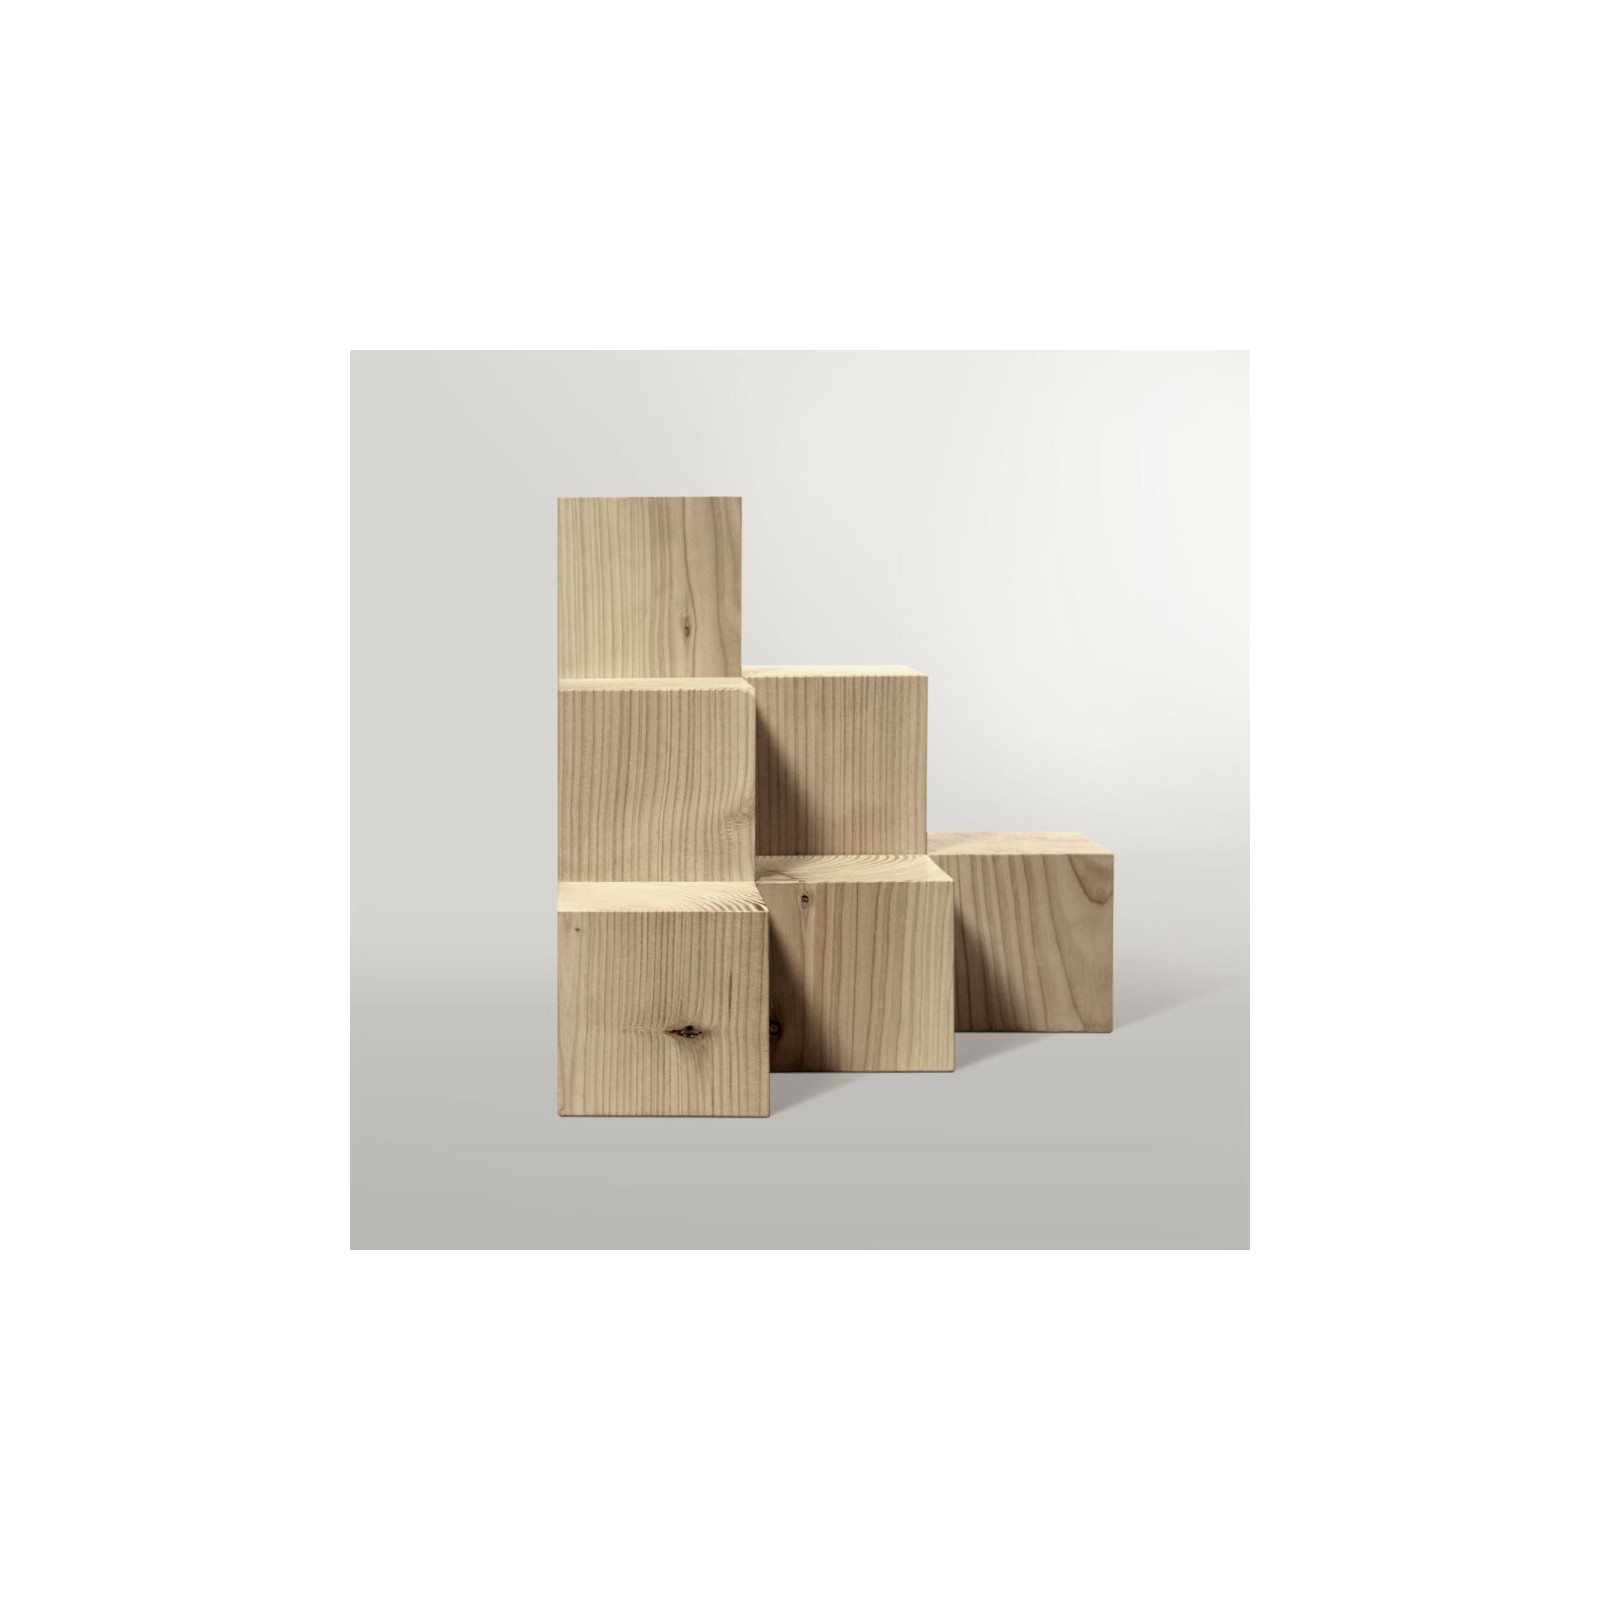 etag re d 39 angle arne concept. Black Bedroom Furniture Sets. Home Design Ideas